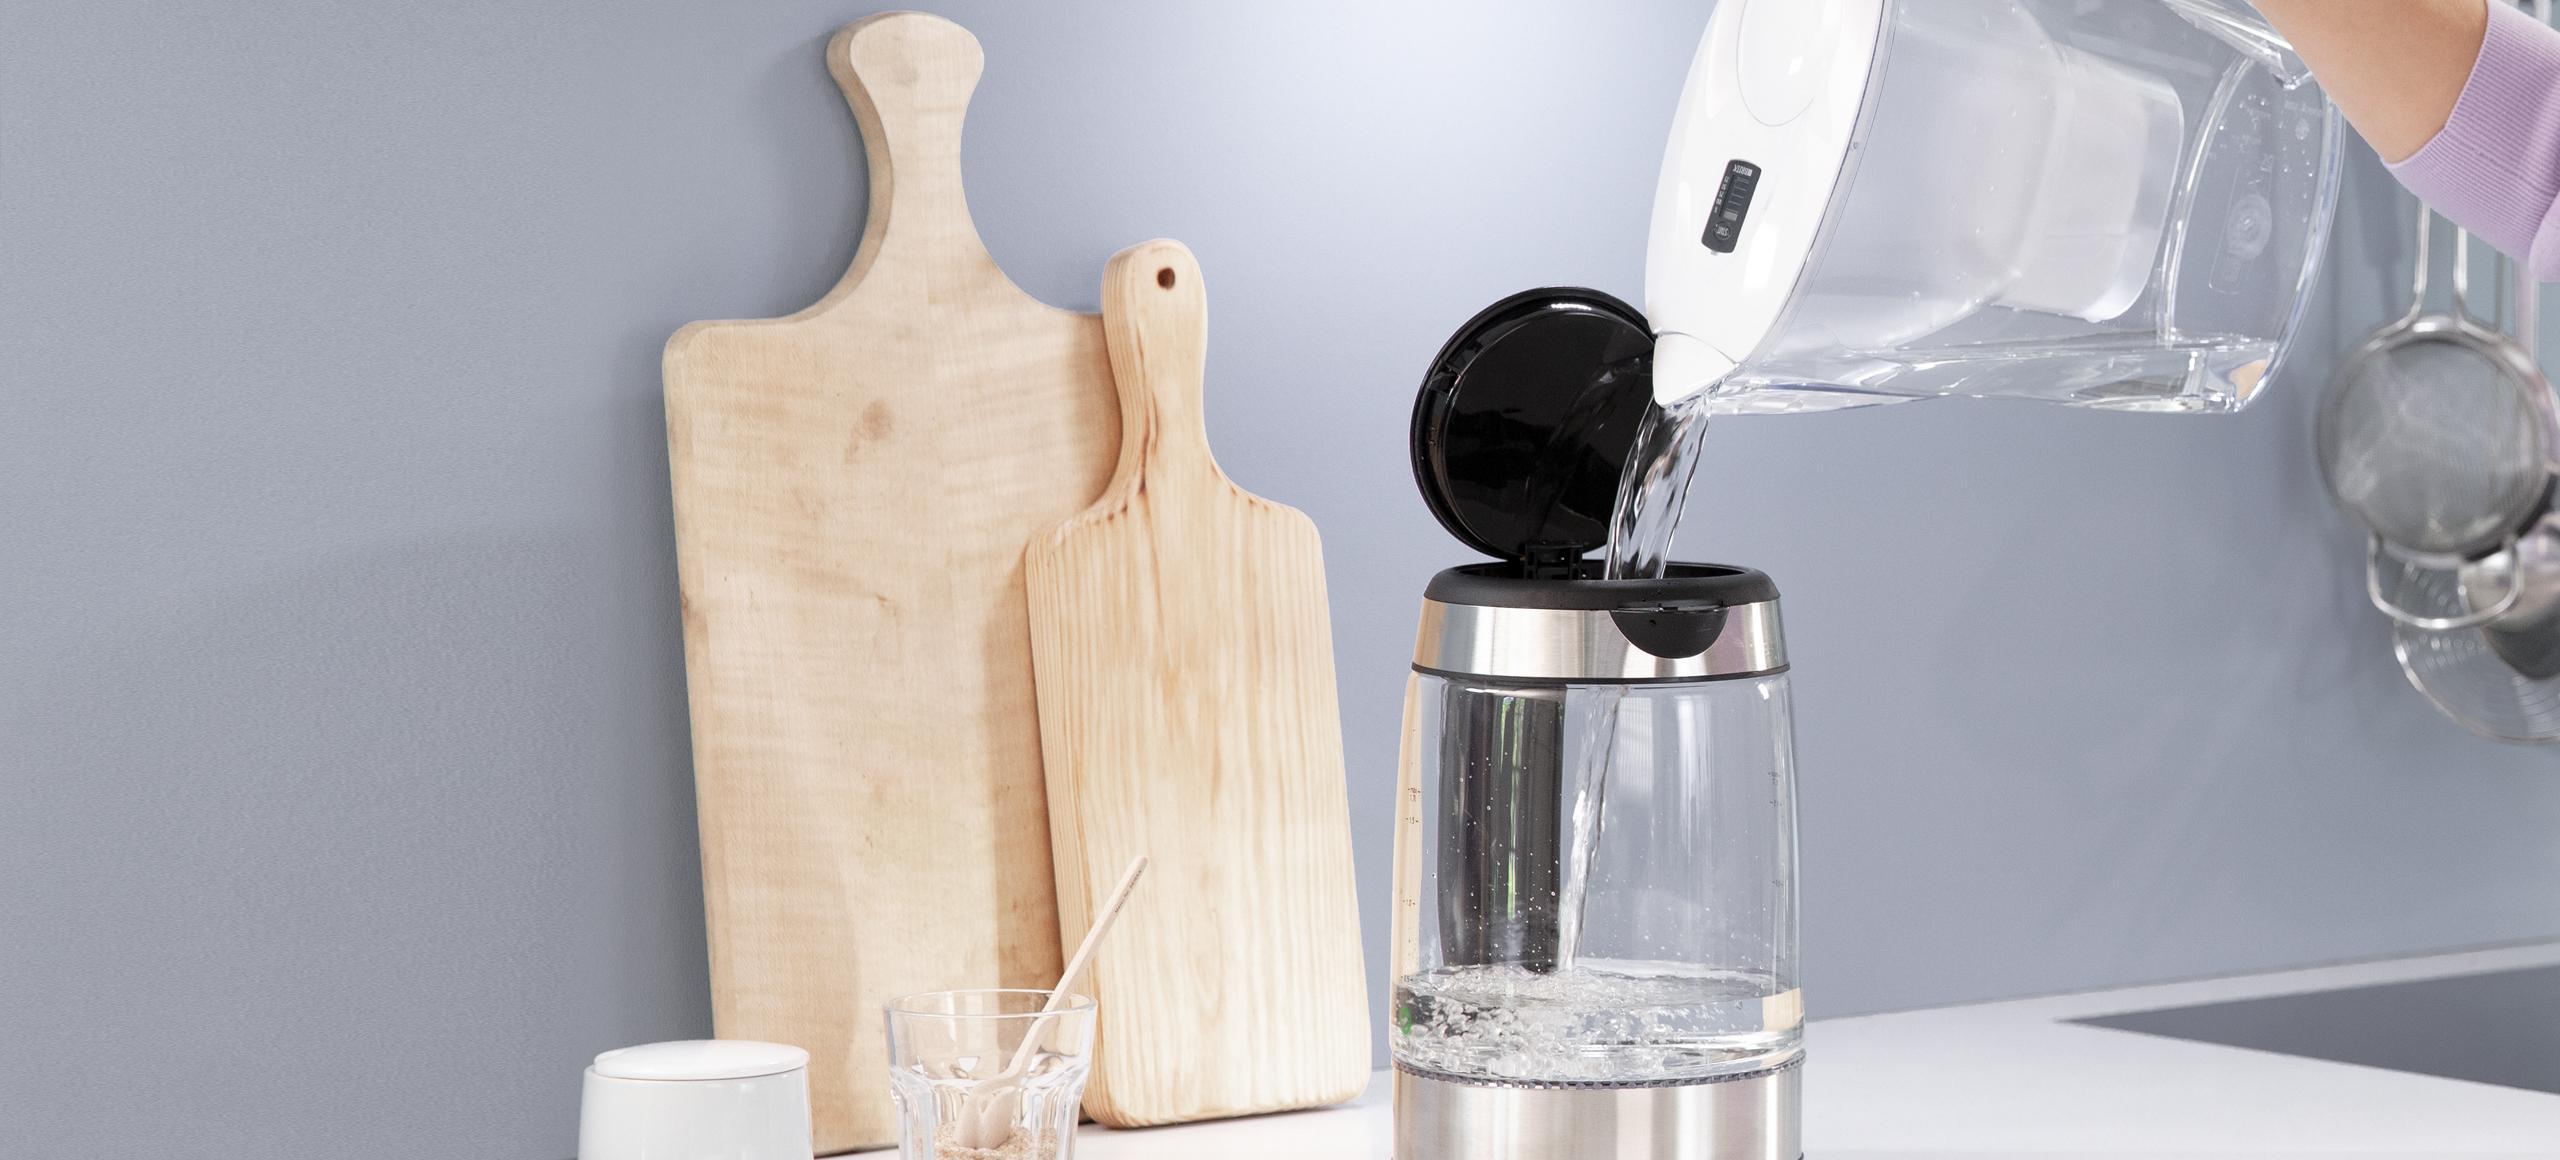 Marella Wasserfilter und Wasserkocher